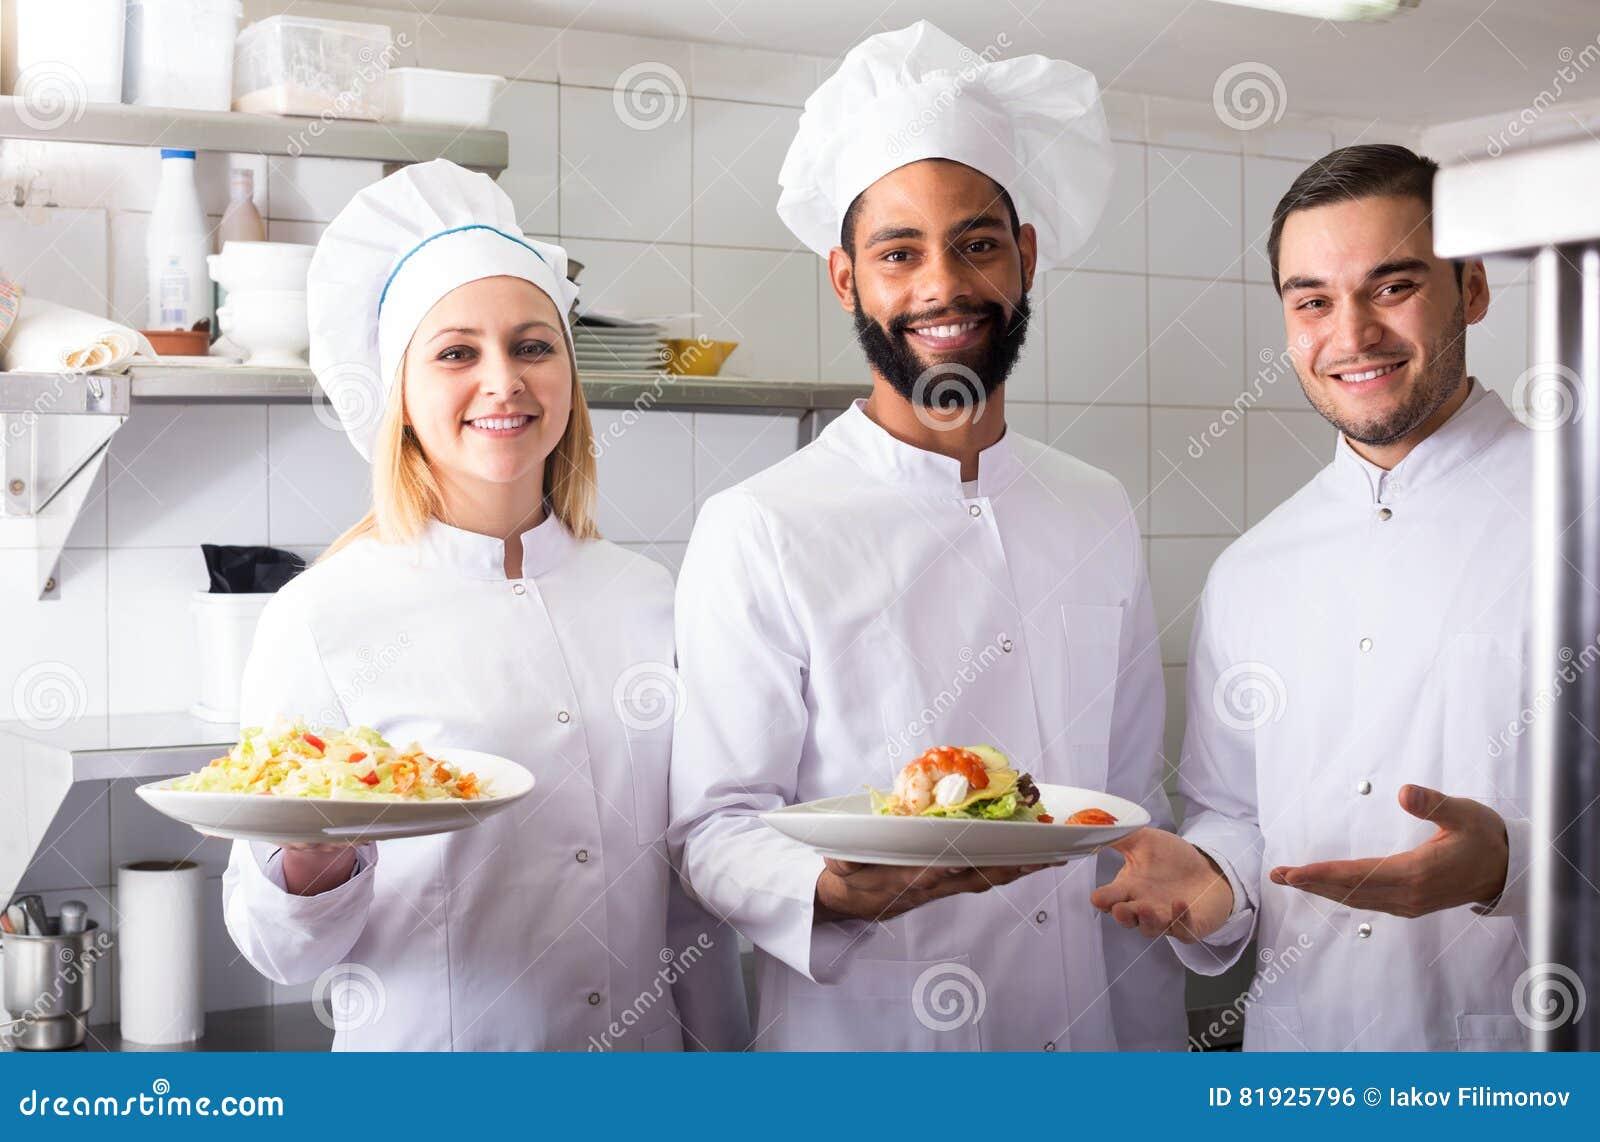 Chef und seine Assistenten, die Mahlzeit vorbereiten